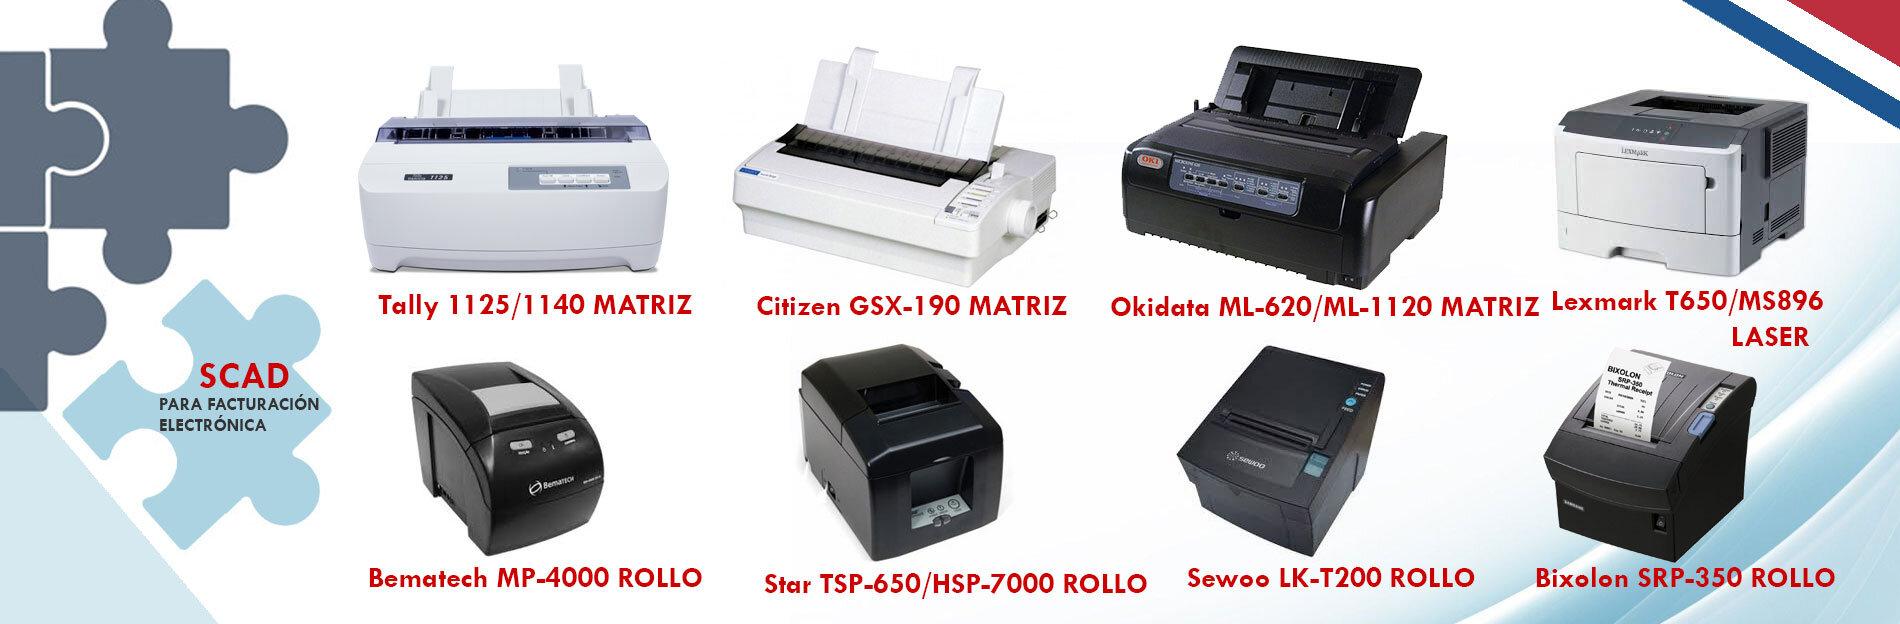 Impresora Fiscal y Software En Panamá